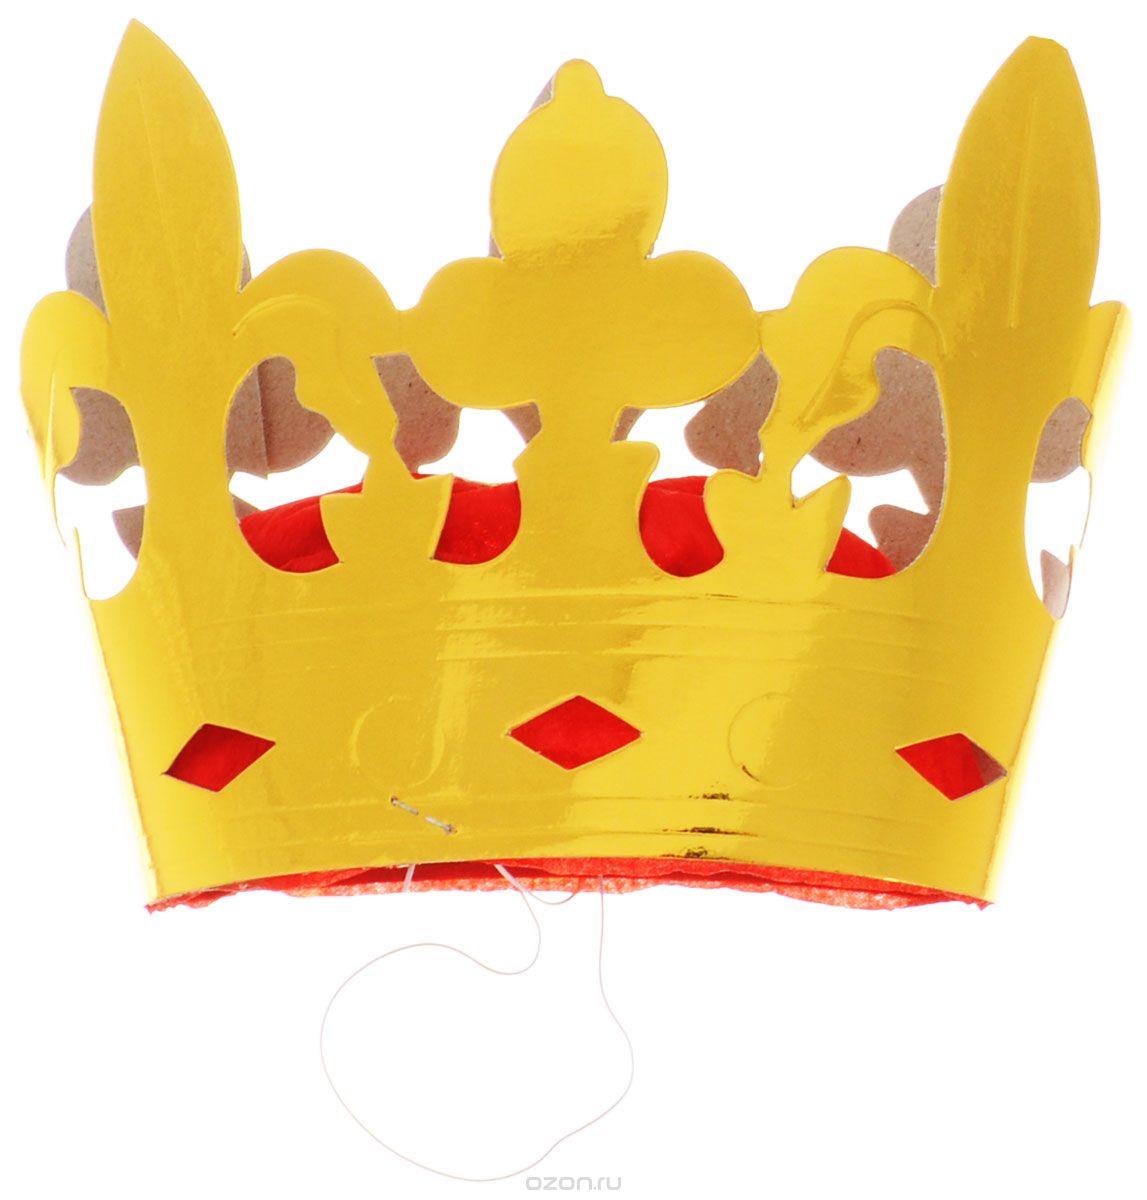 """У вас намечается веселая вечеринка или маскарад? Корона """"Action!"""" отлично дополнит ваш маскарадный костюм! Она выполнена из бумаги и фольгированного картона золотистого цвета. Корона обязательно внесет нотку задора и веселья в праздник и станет завершающим штрихом в создании праздничного образа! Веселое настроение и масса положительных эмоций вам будут обеспечены! В наборе 6 корон."""